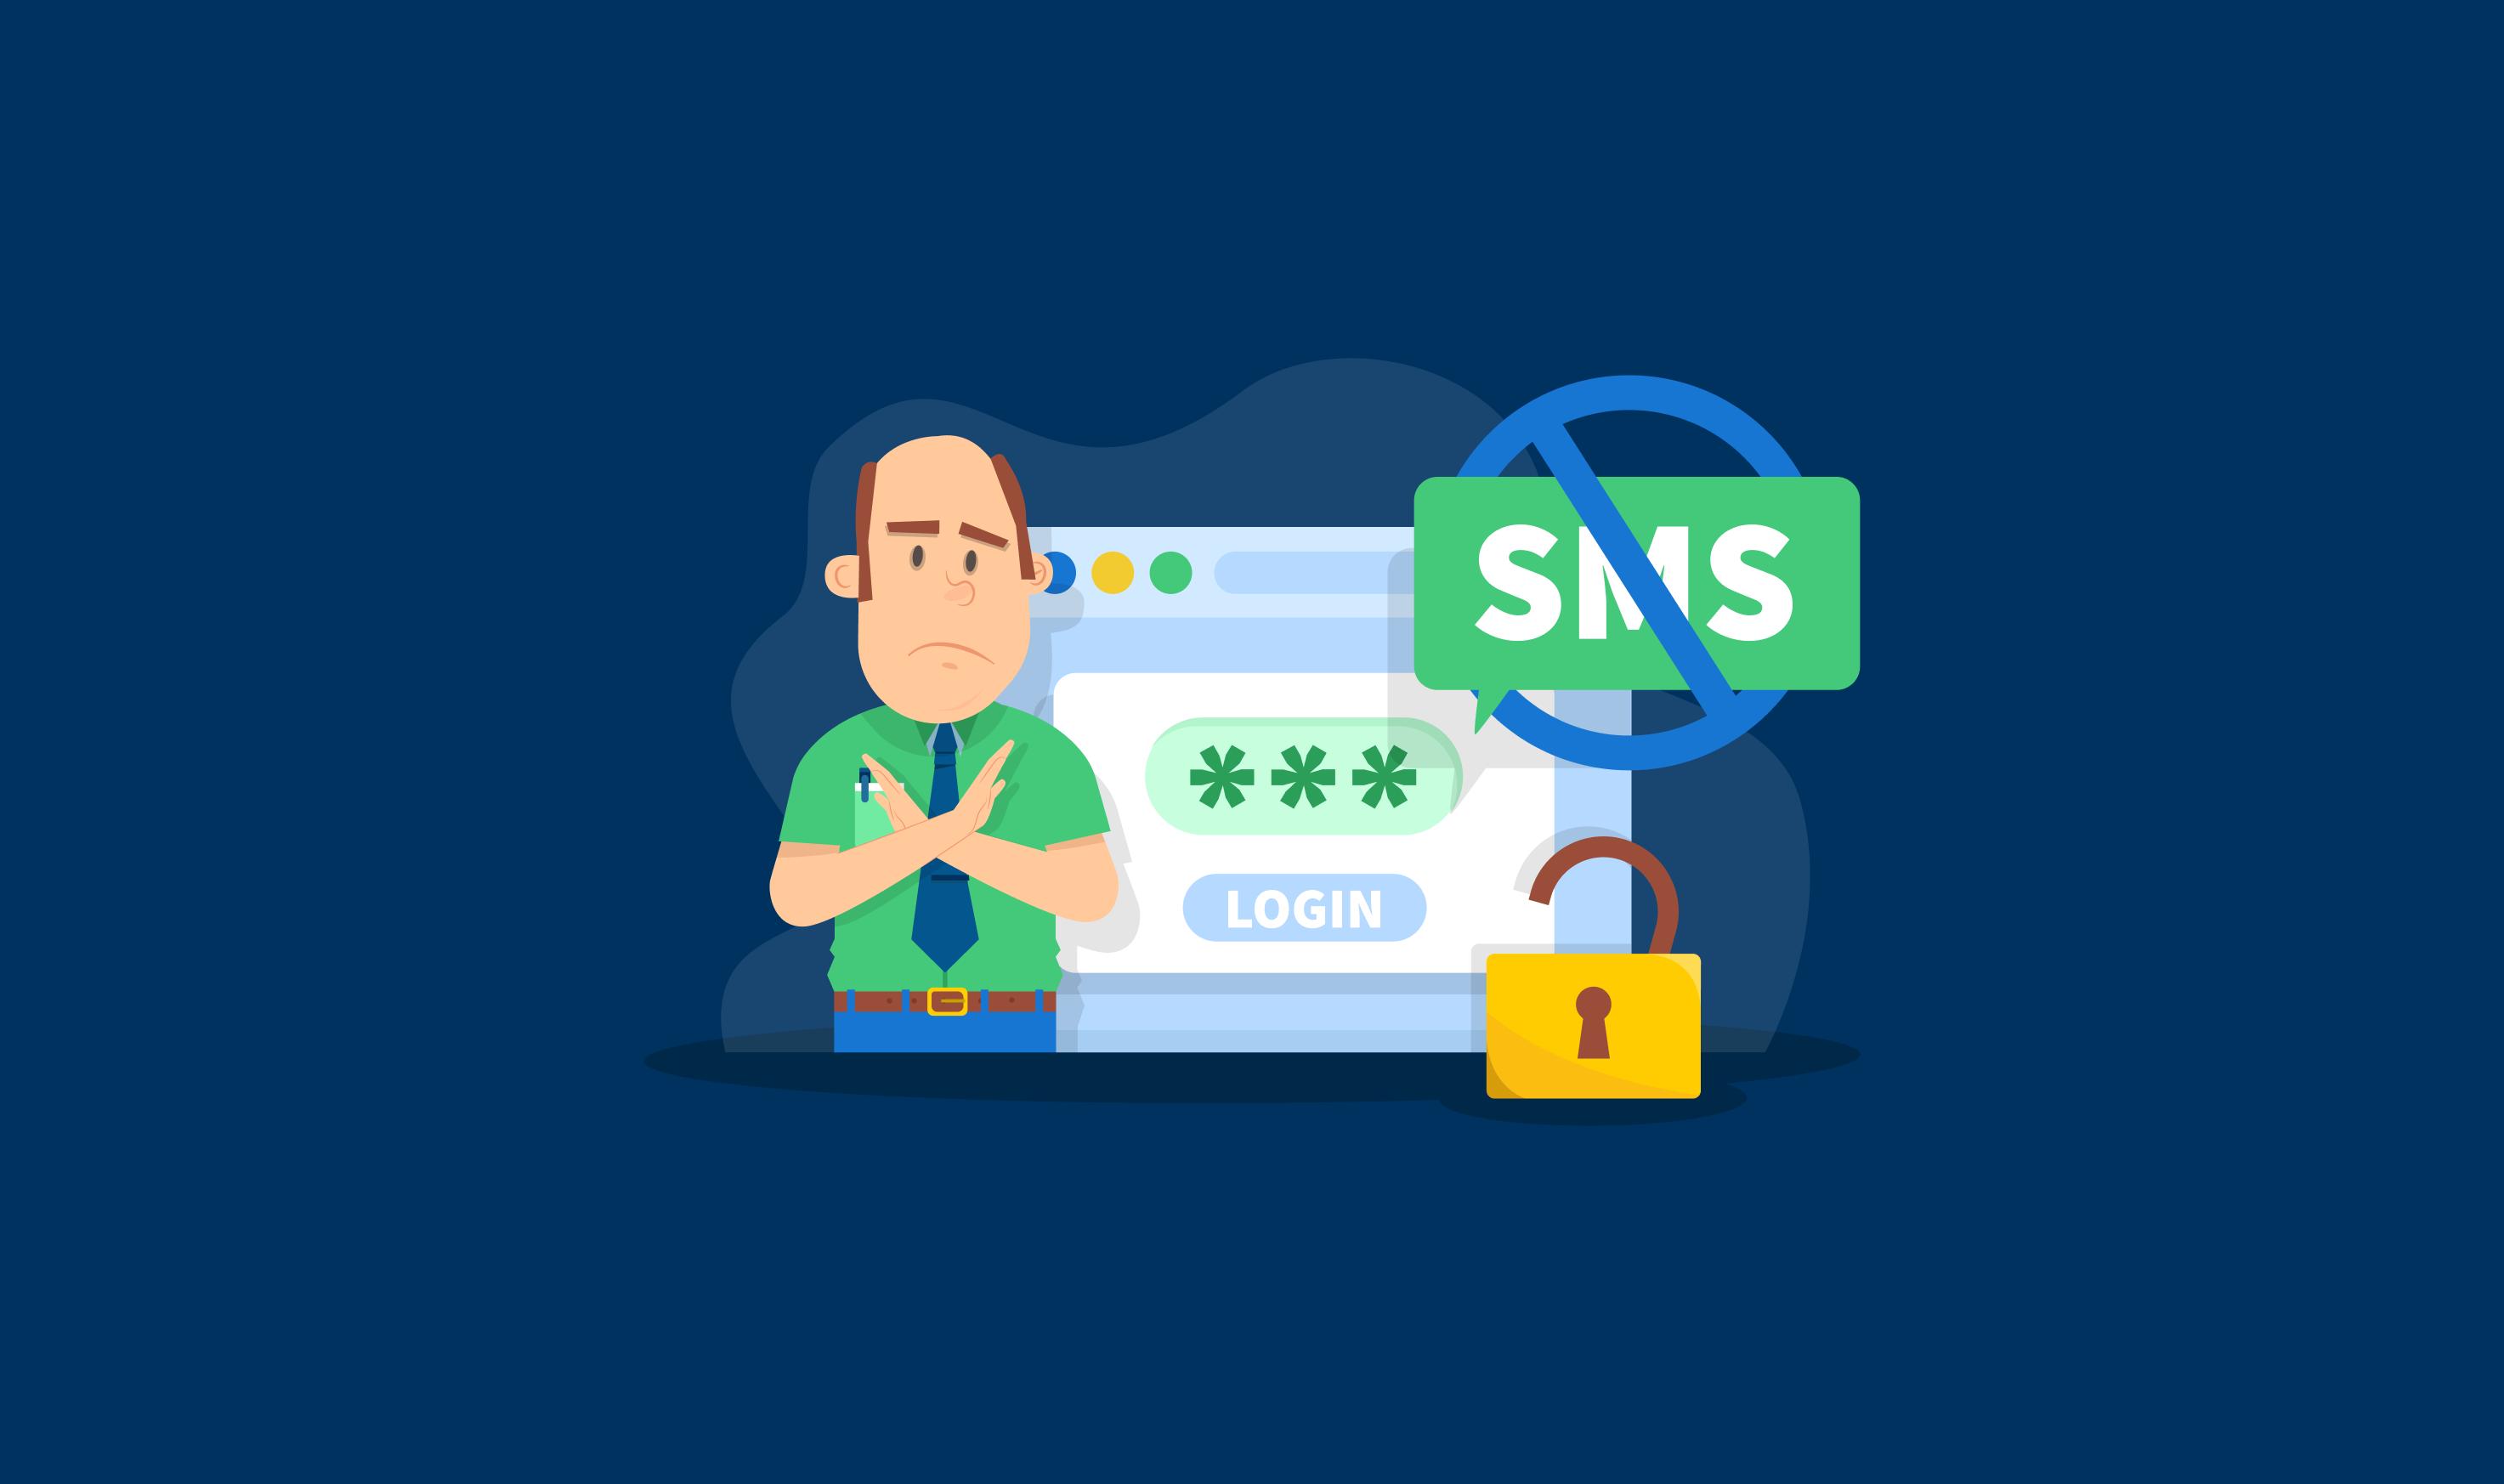 Perché la 2FA(autenticazione a due fattori) basata su SMS non è sicura e come puoi proteggere i tuoi dati con TaxDome